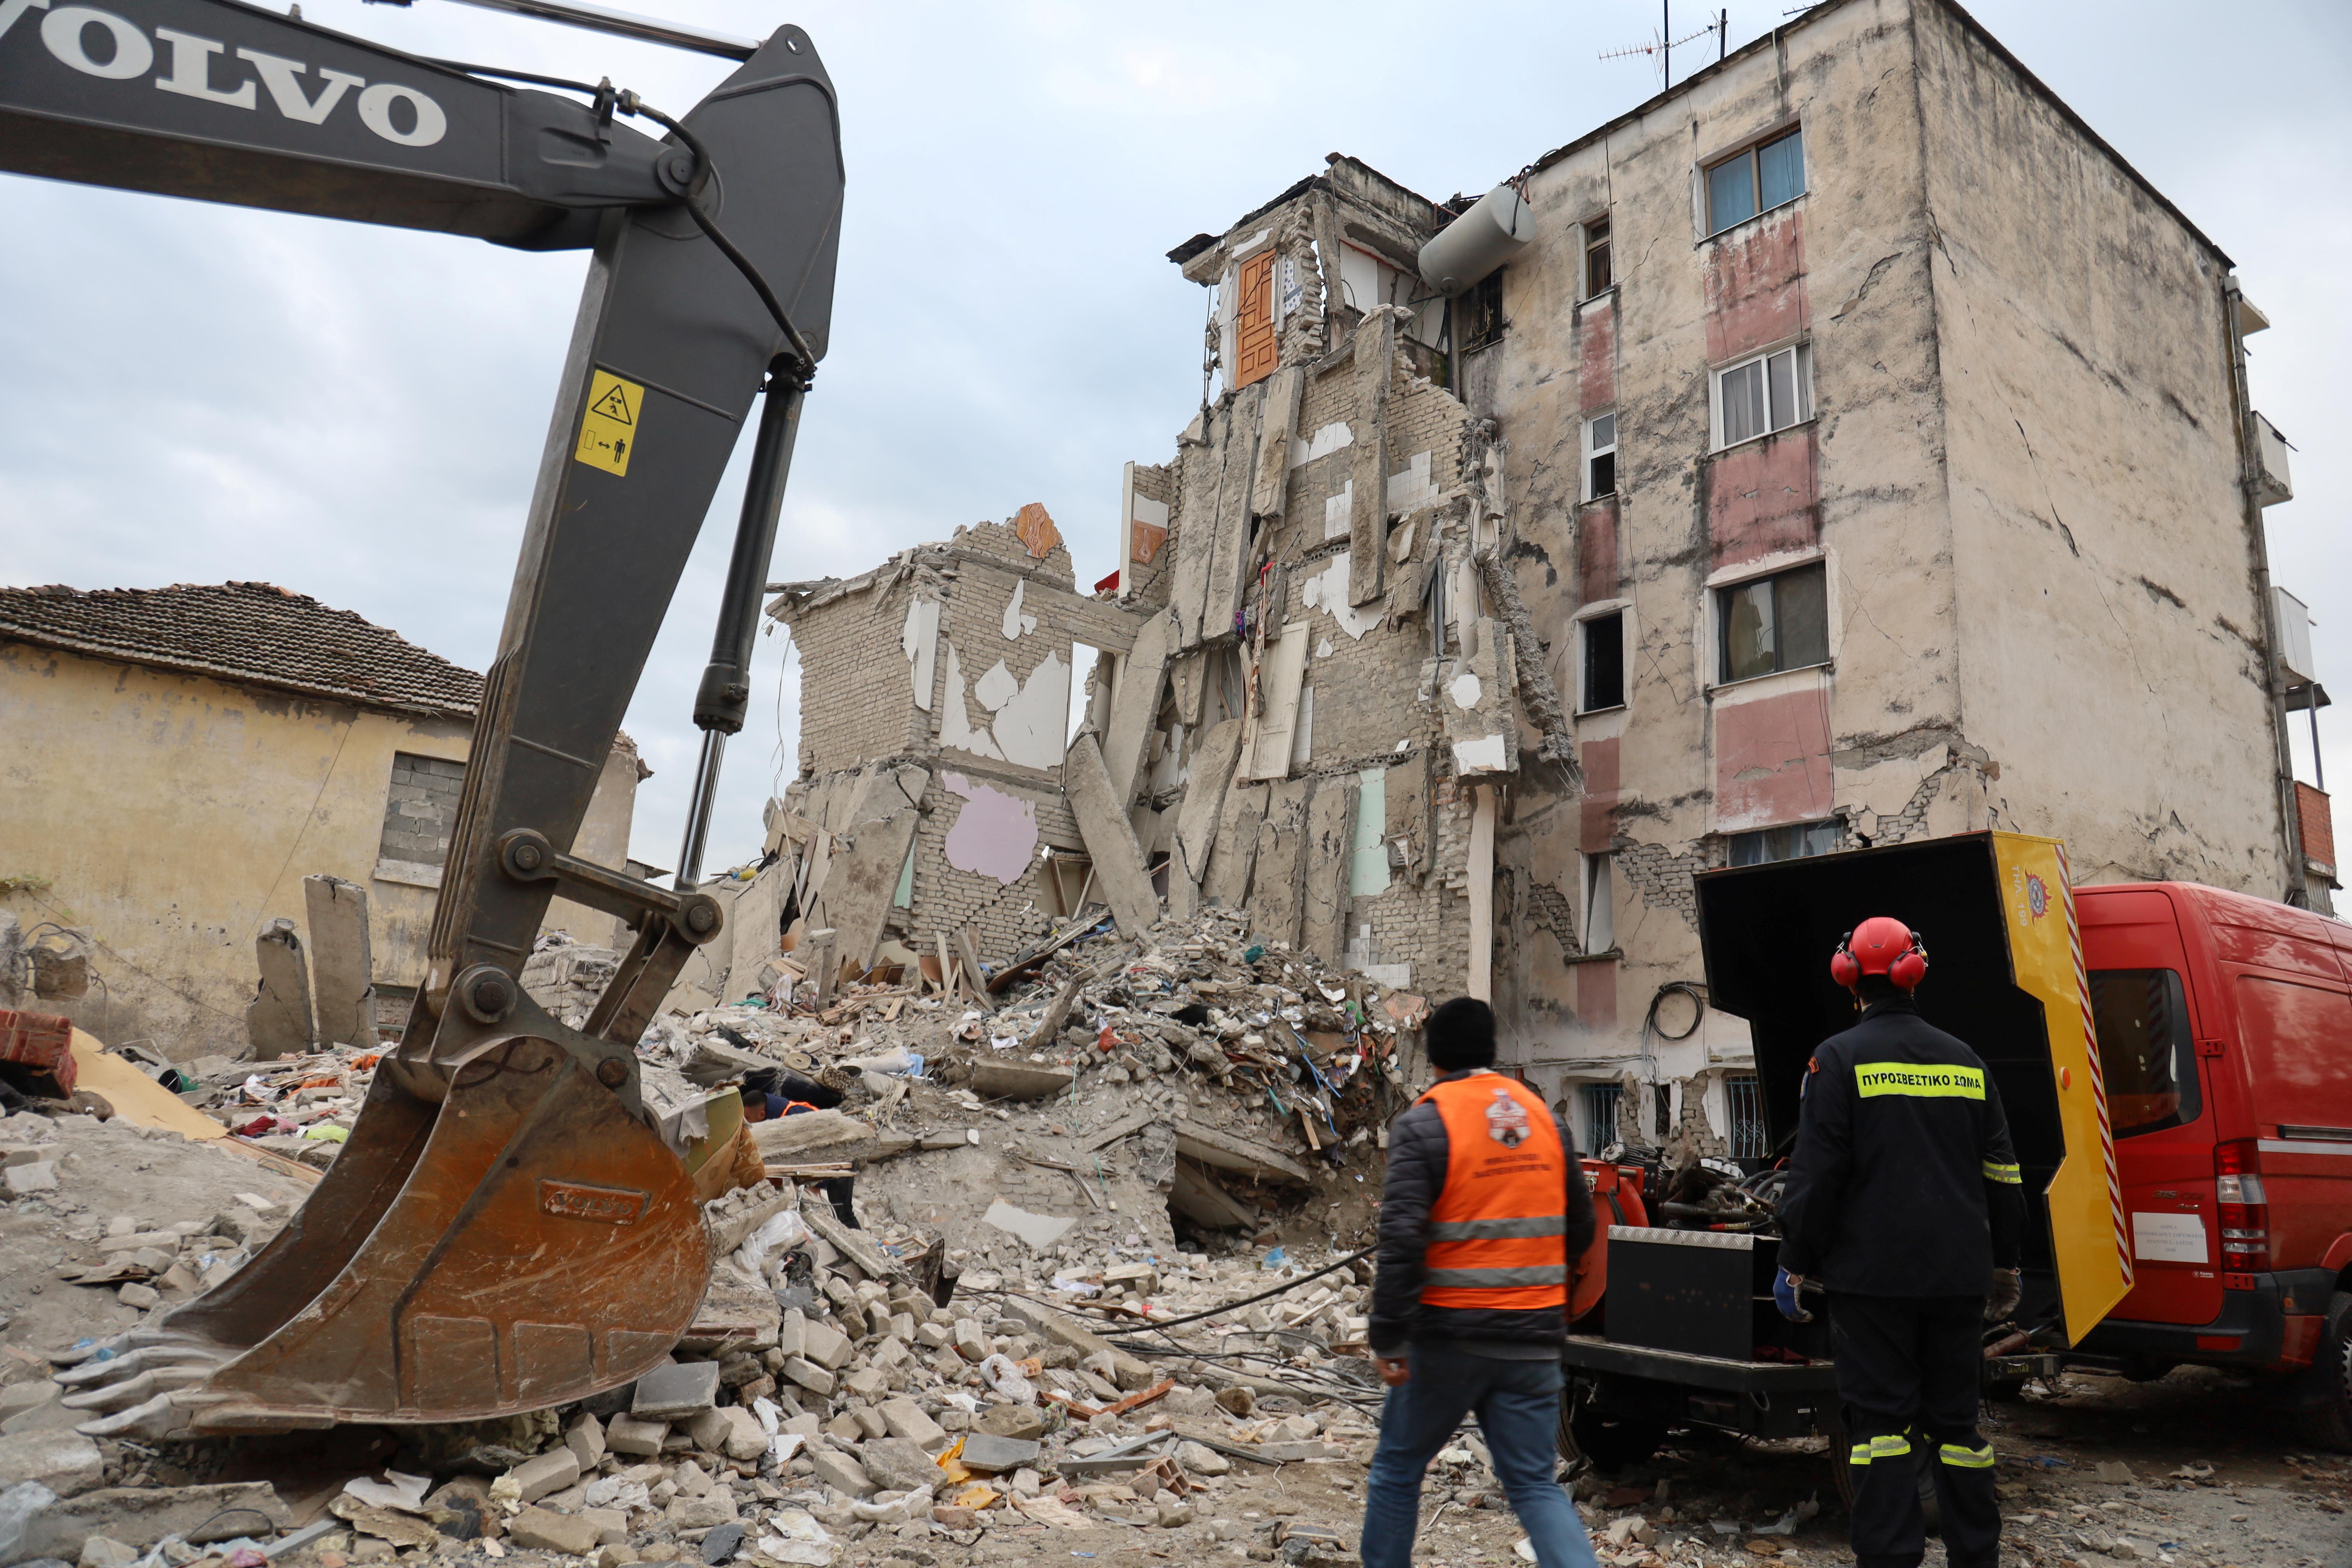 Στην Αλβανία Έλληνες μηχανικοί για την αξιολόγηση των κτιρίων που επλήγησαν από τον σεισμό